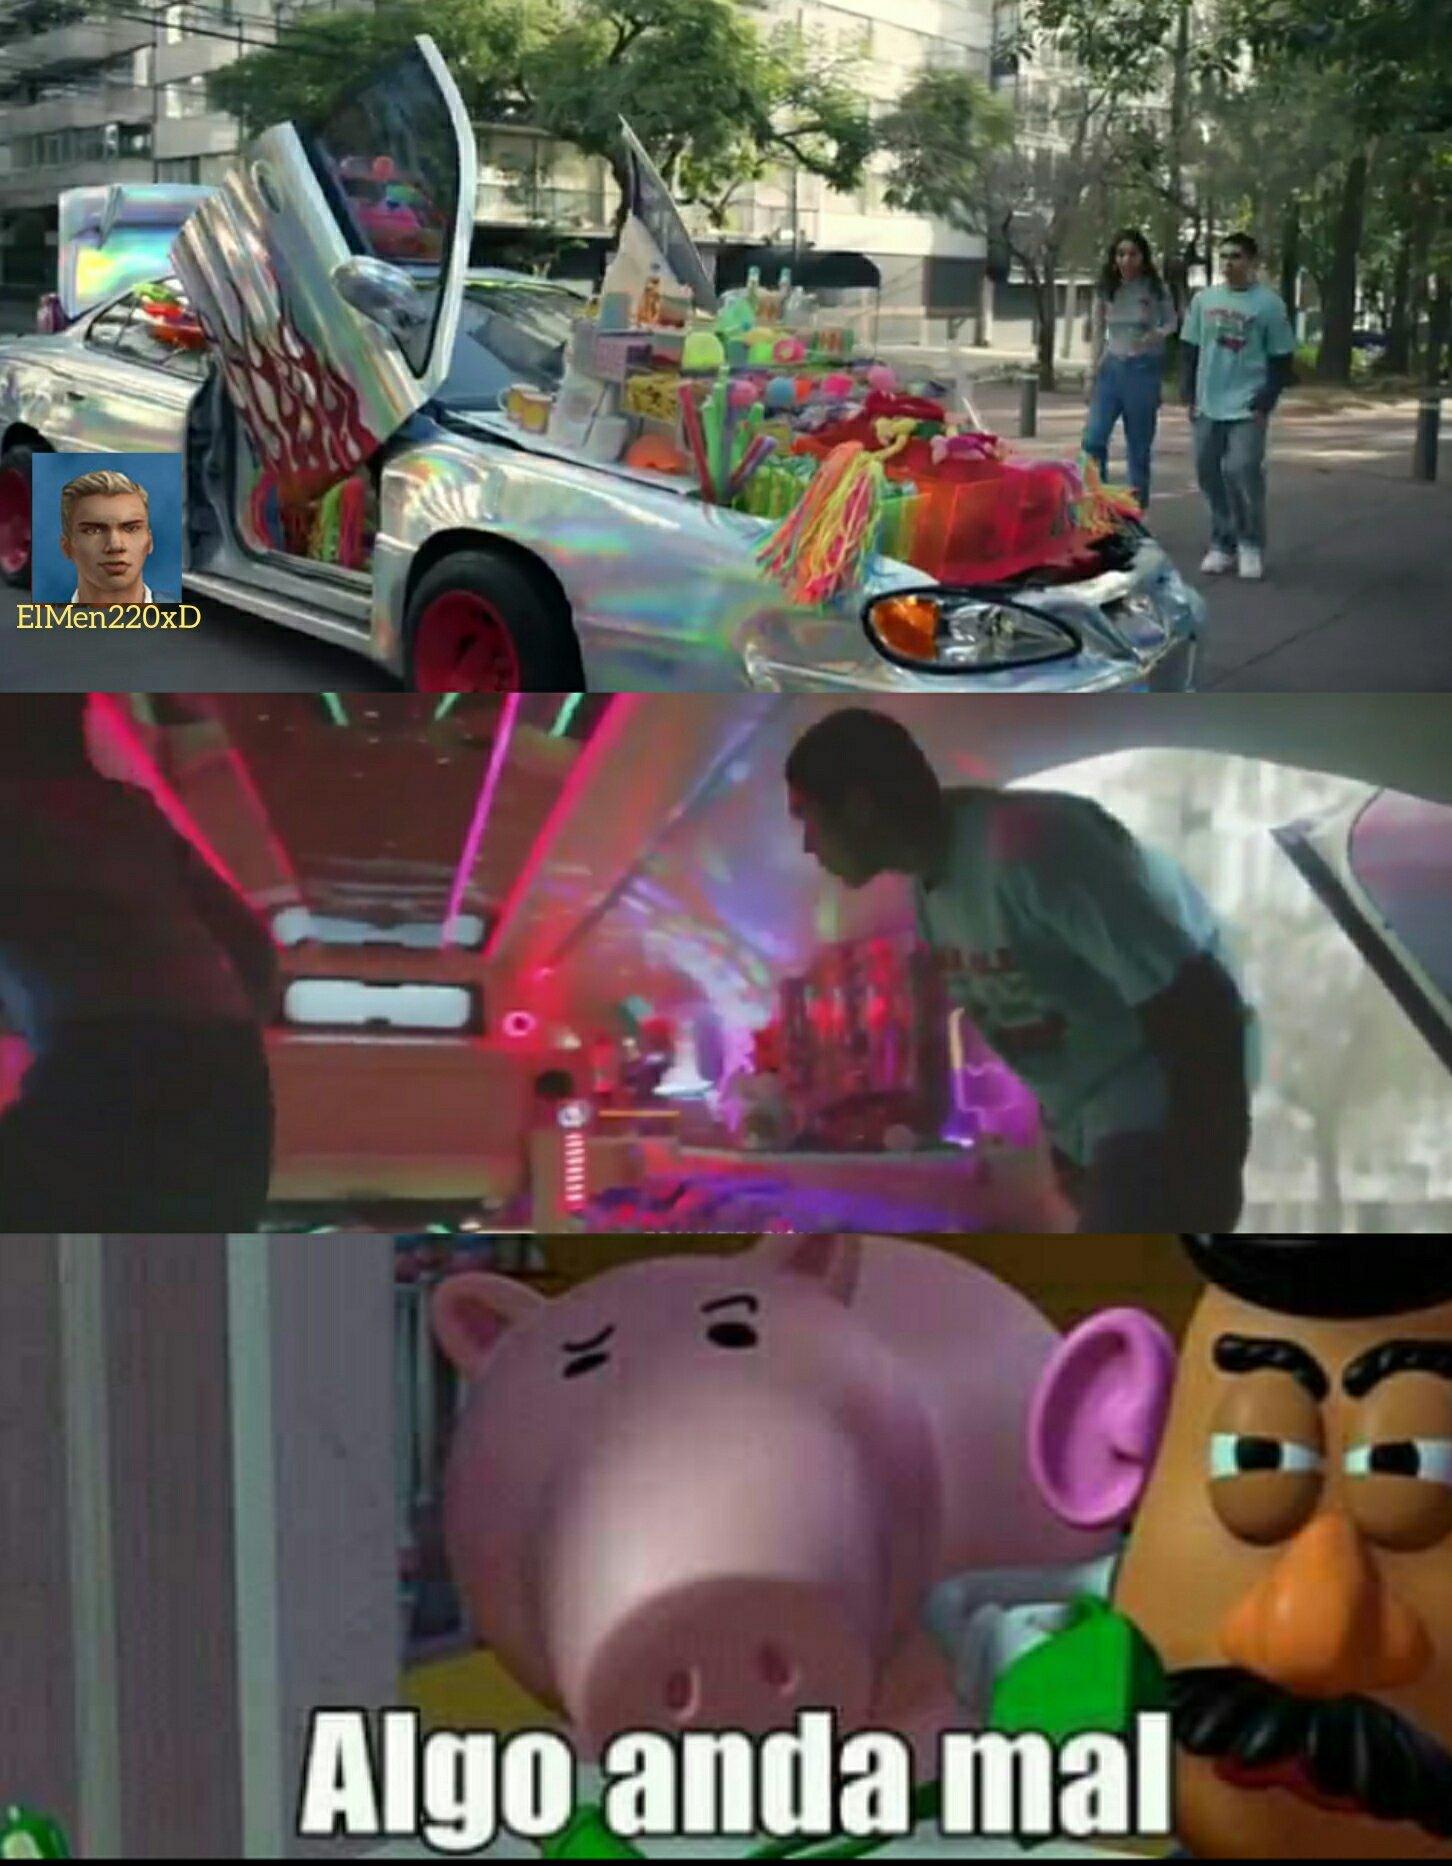 Un comercial de doritos - meme